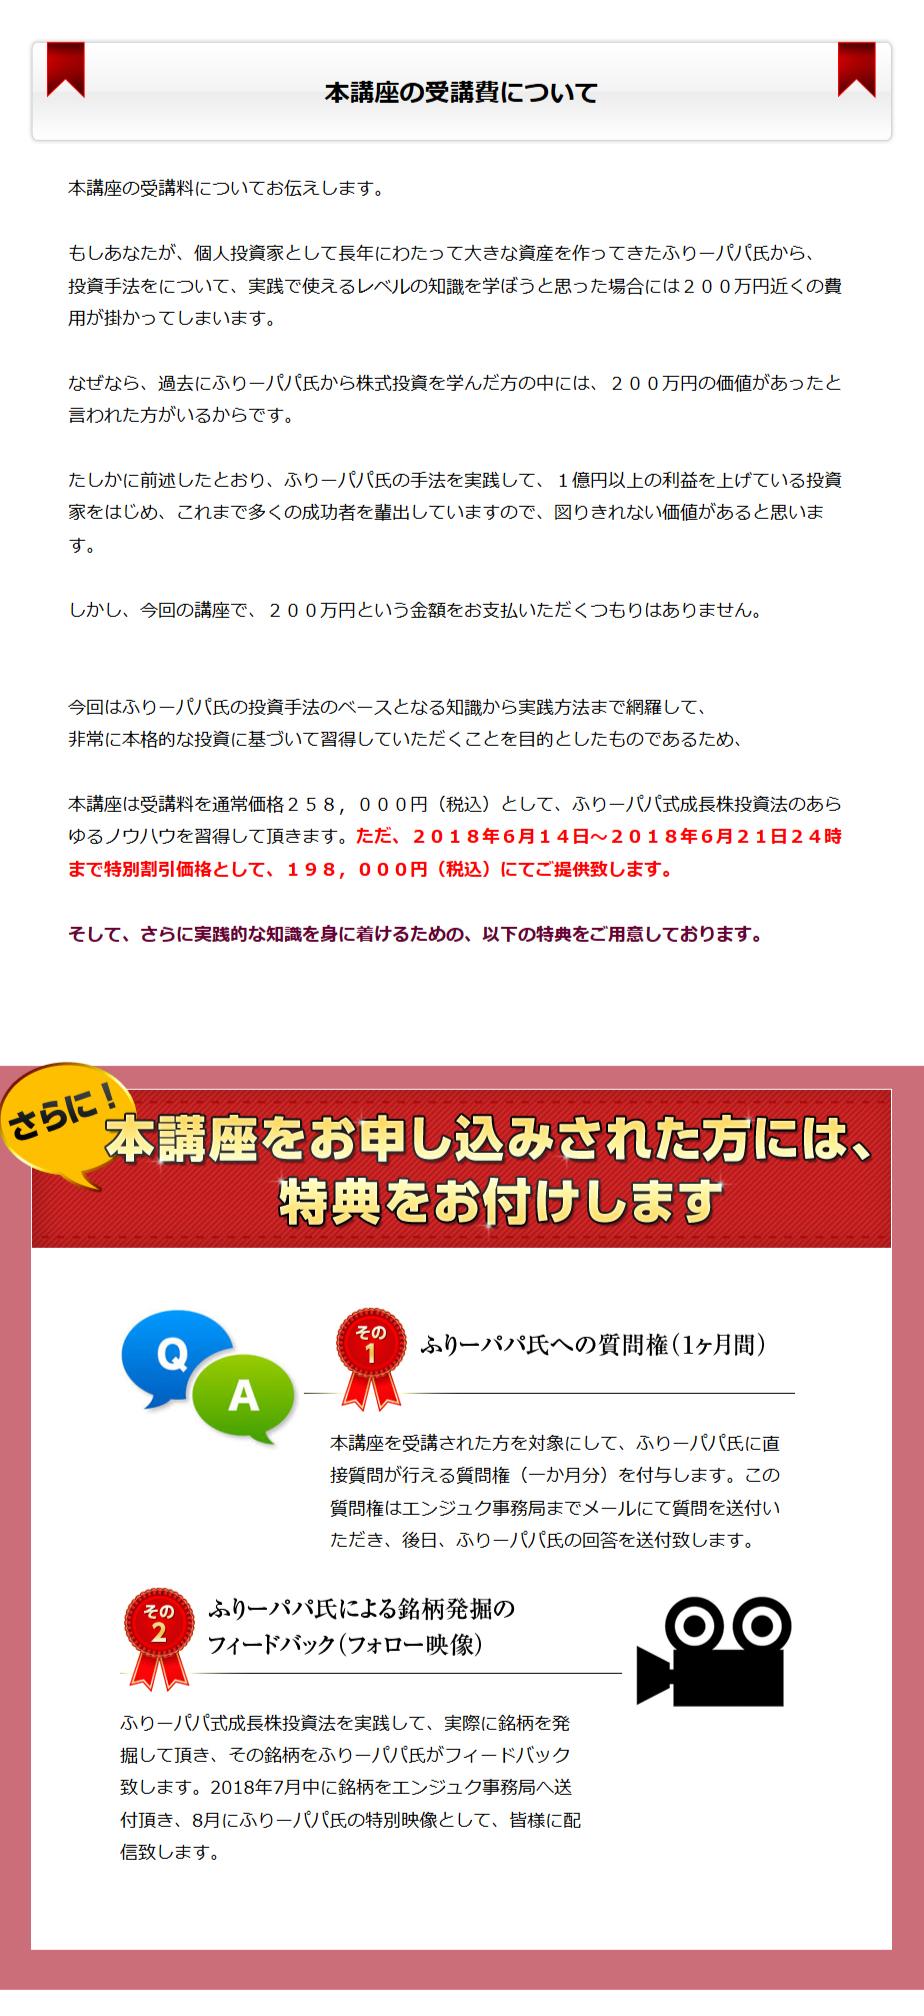 ふりーパパ式成長株投資法【匠】-2018-06-13_17